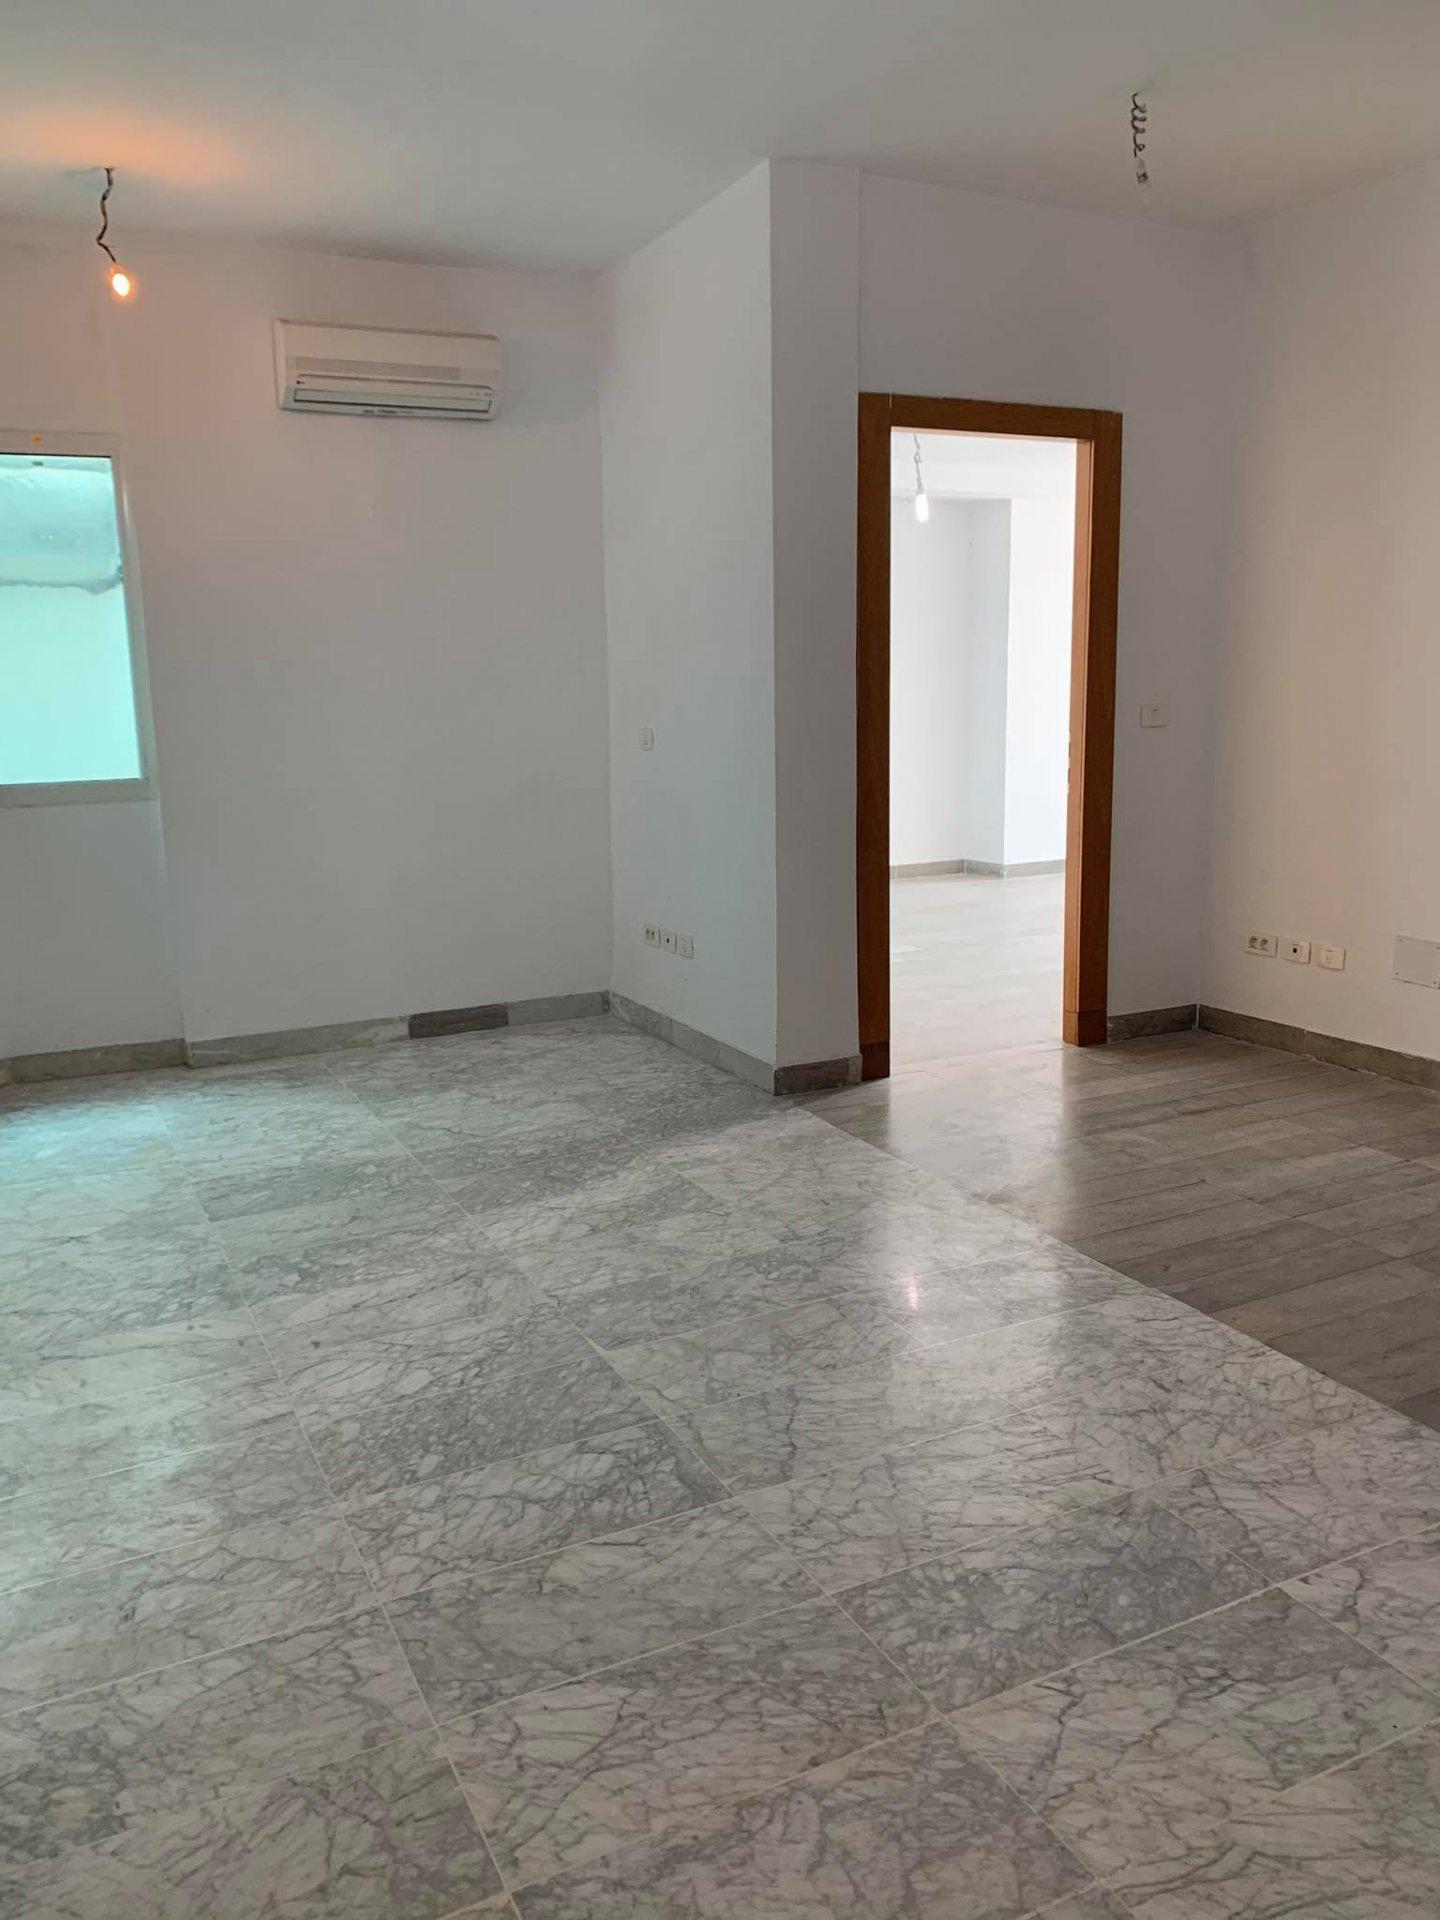 Location Bureau de 2 pièces Ennasr 2.